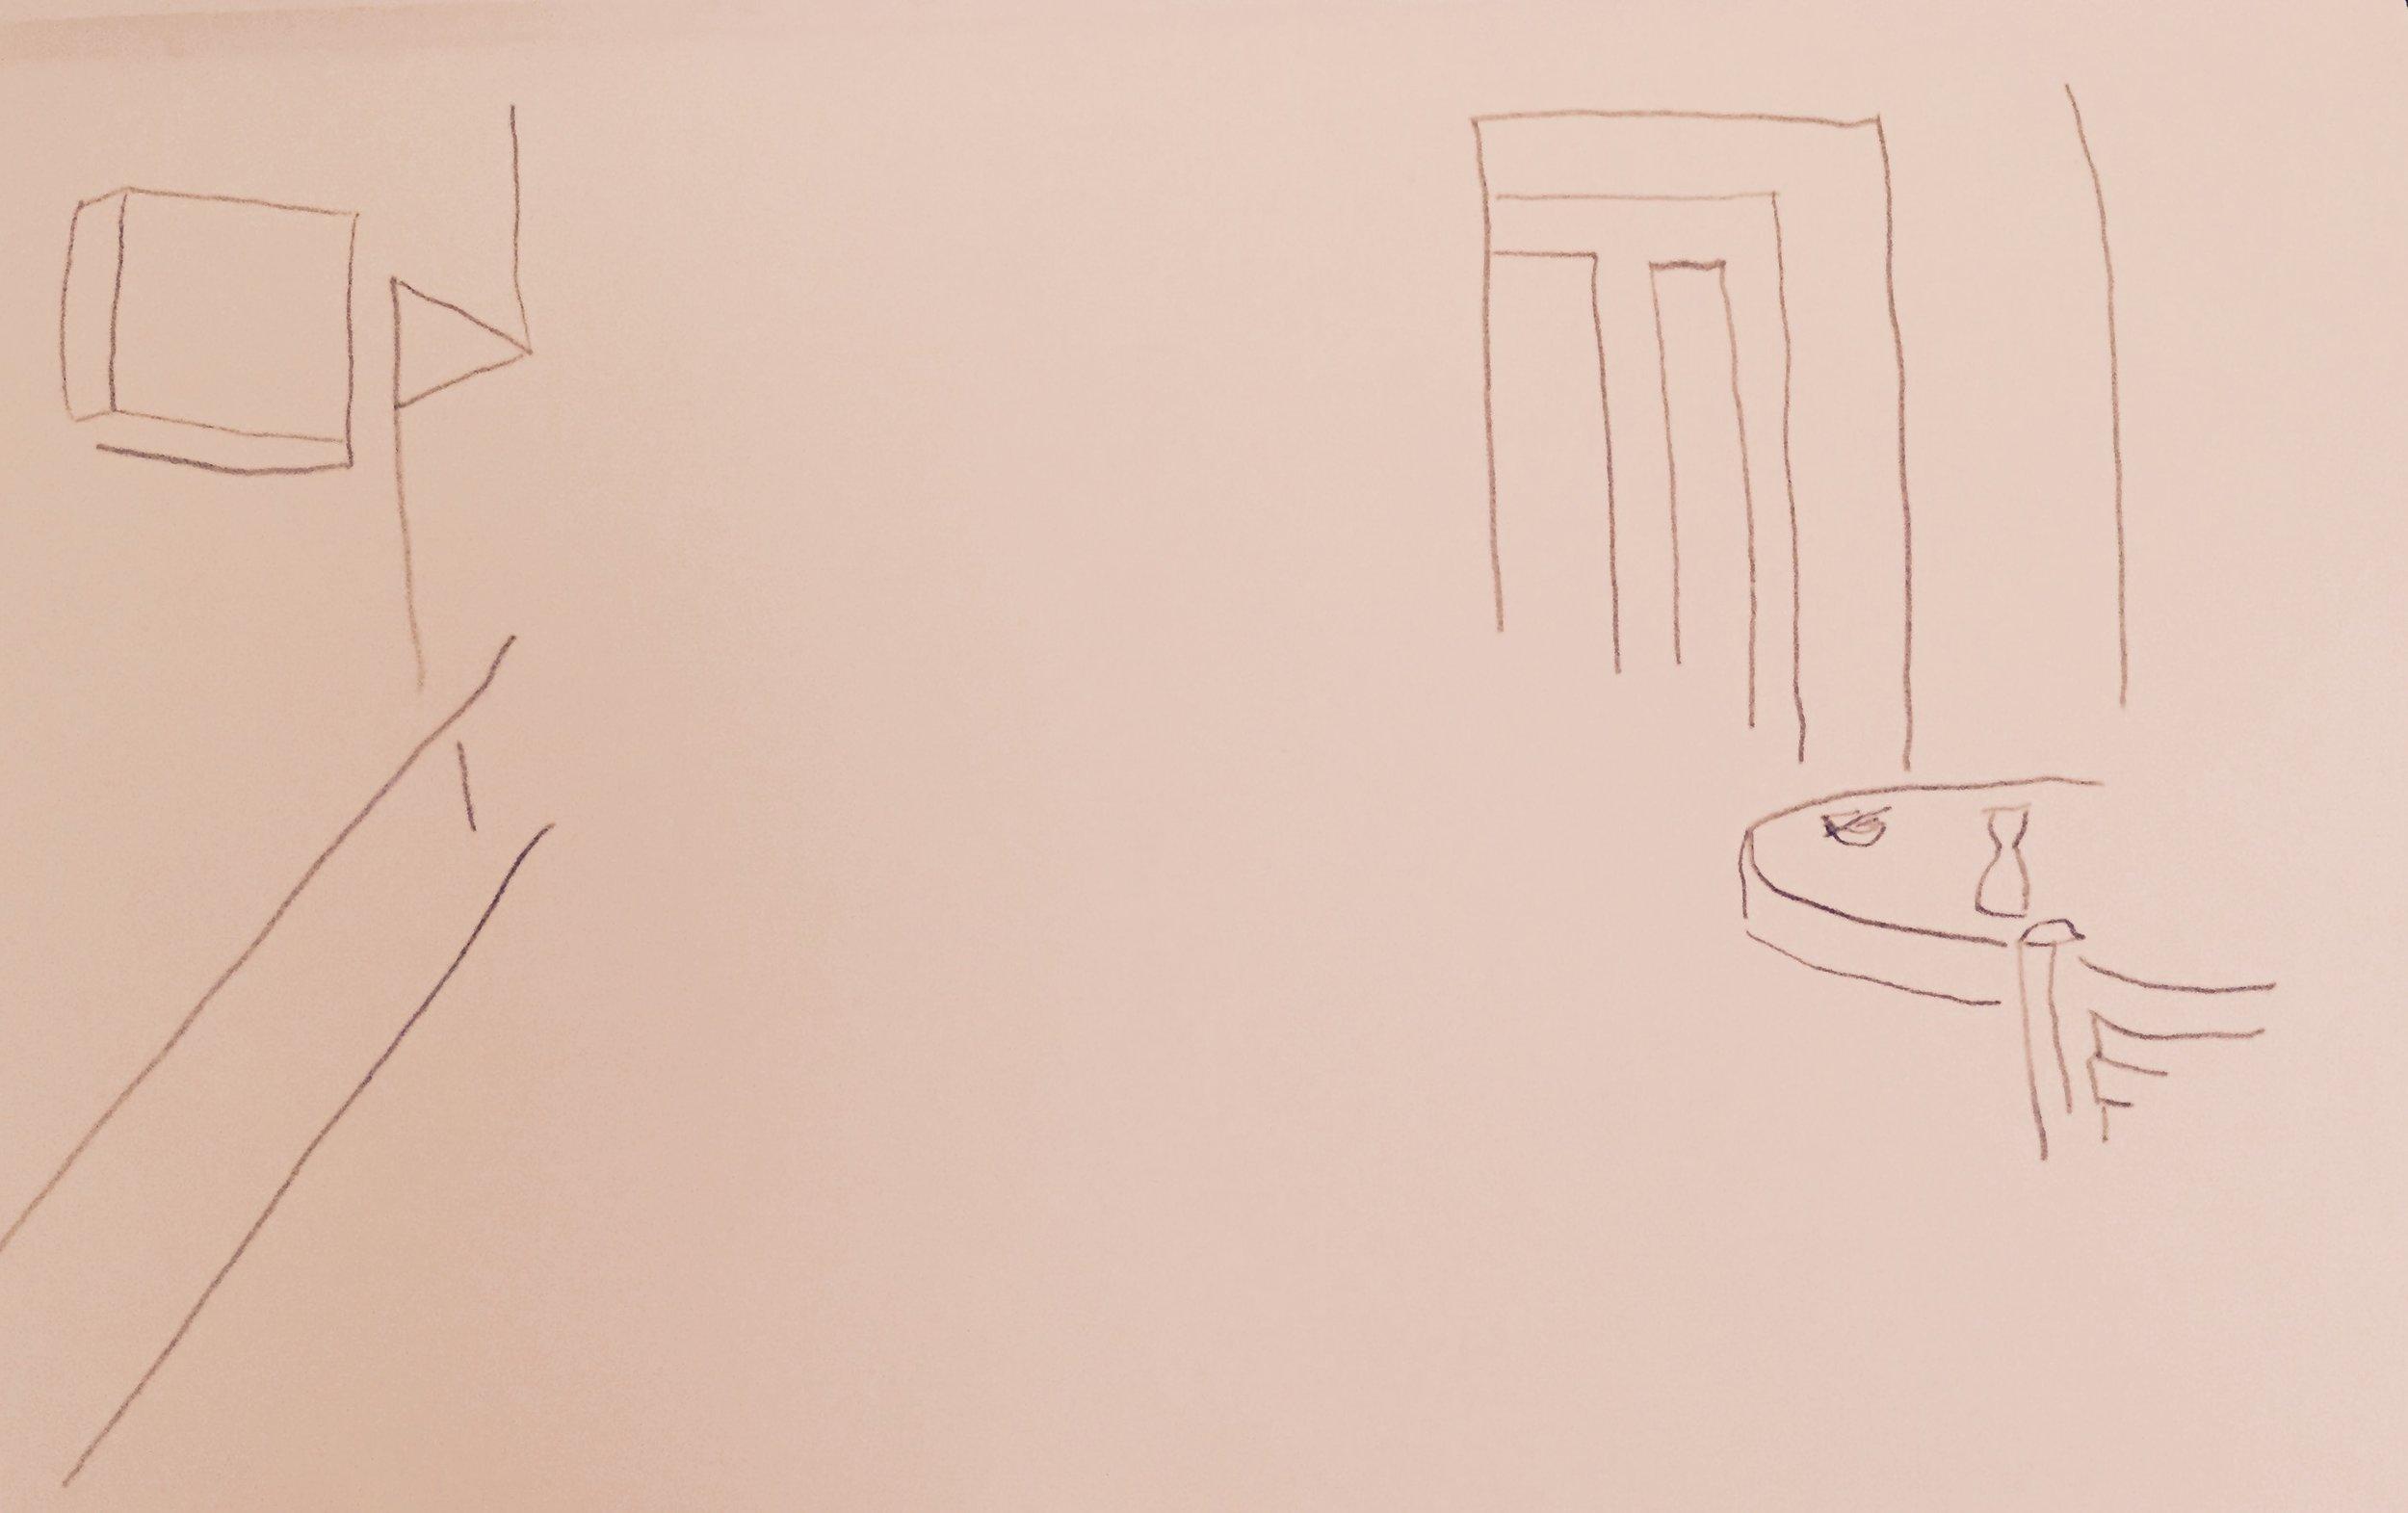 Fotini_Drawing3.jpg